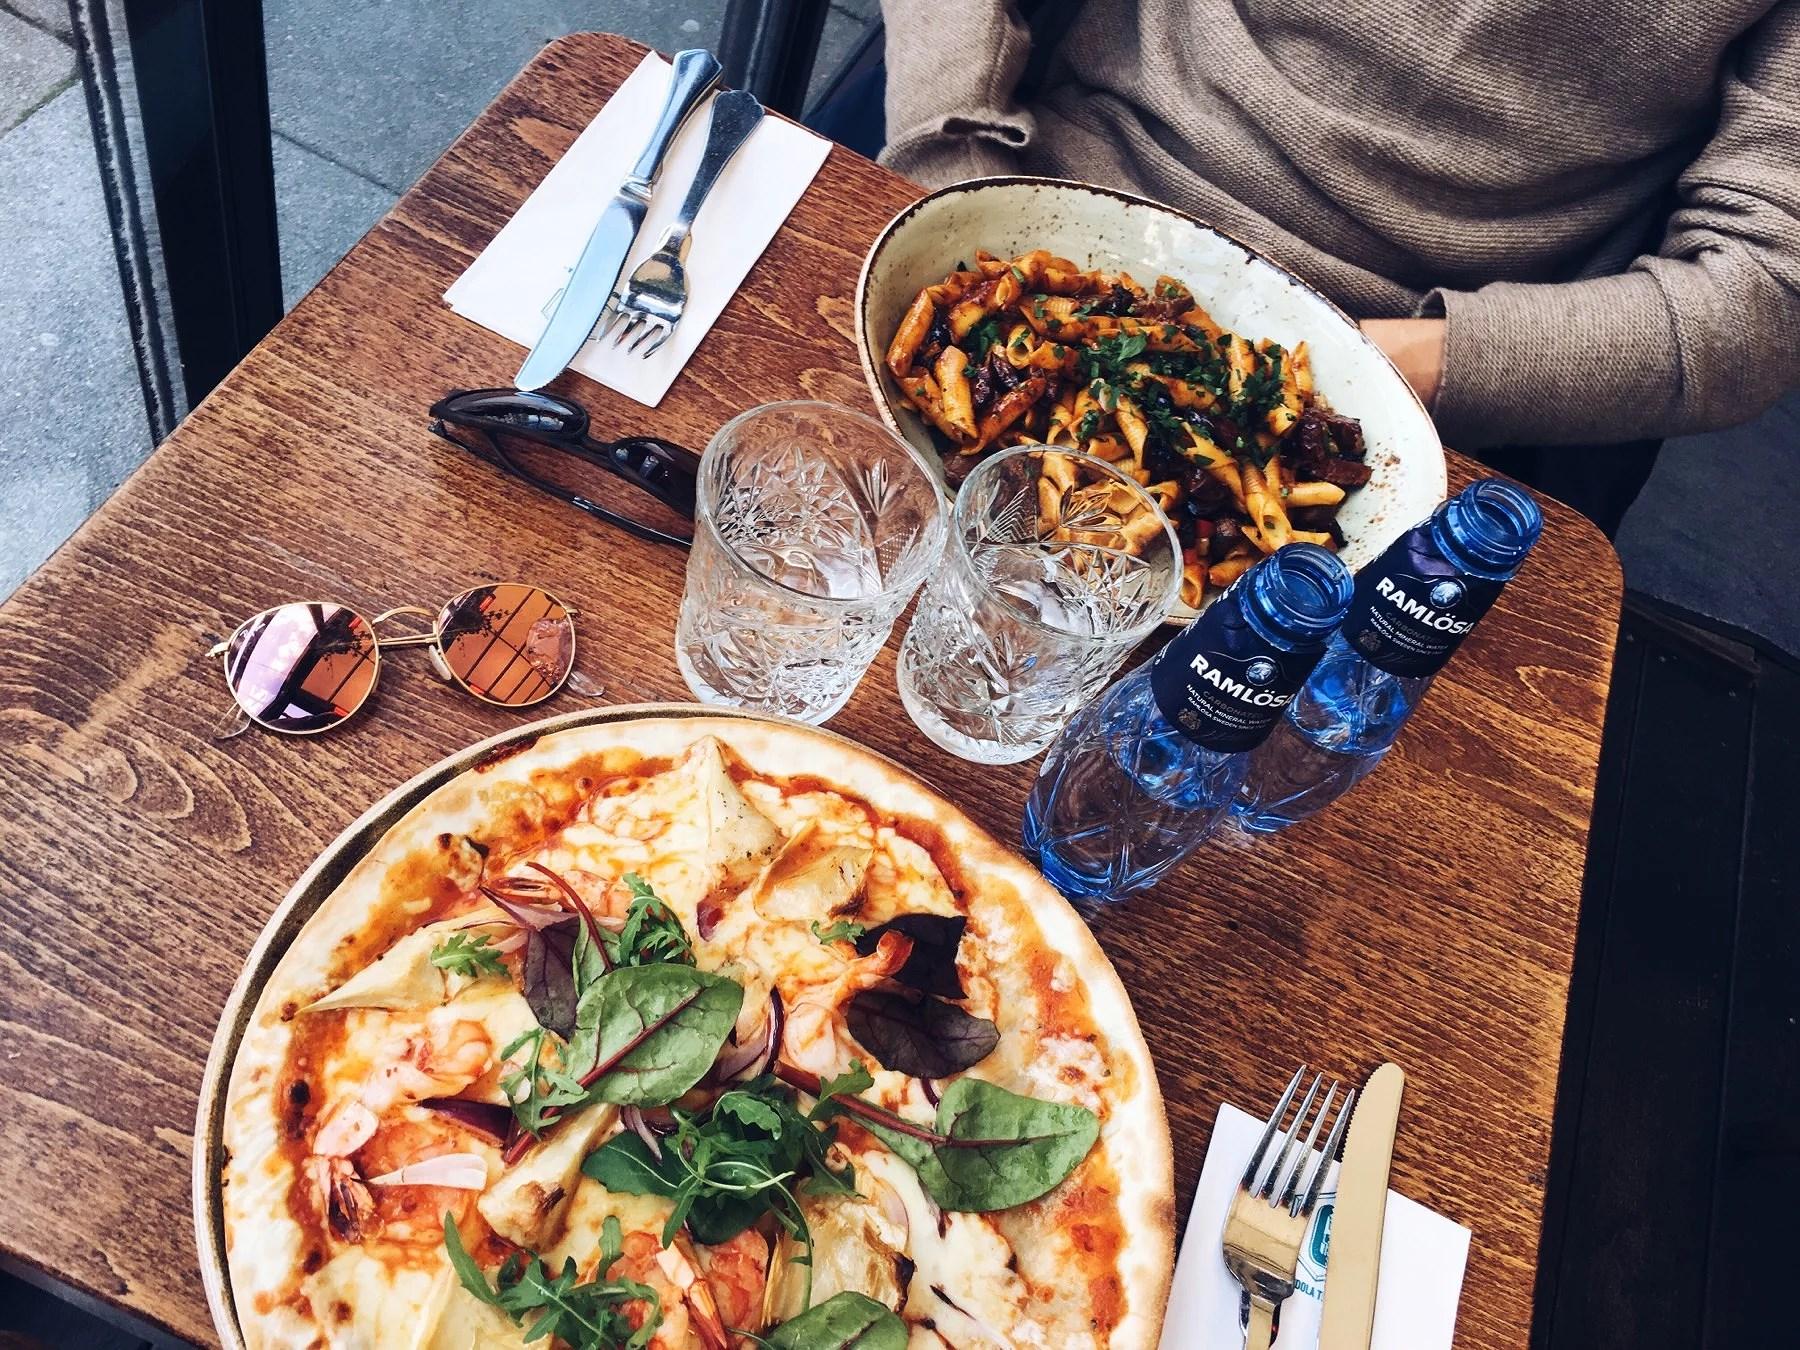 YESTERDAYS PIZZA